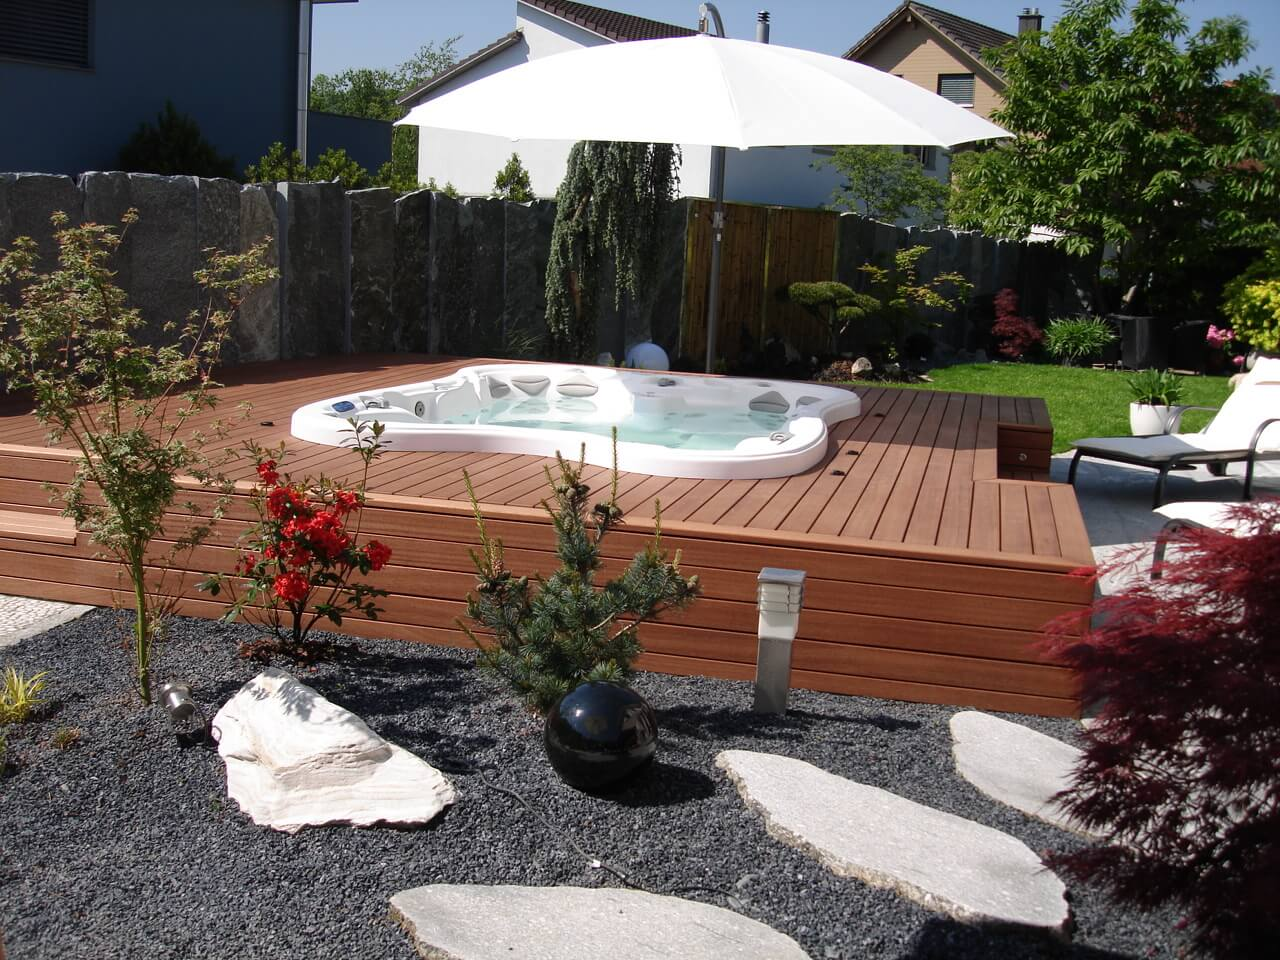 Sipo Terrassendielen Formare Whirlpoolverkleidung aus Holz